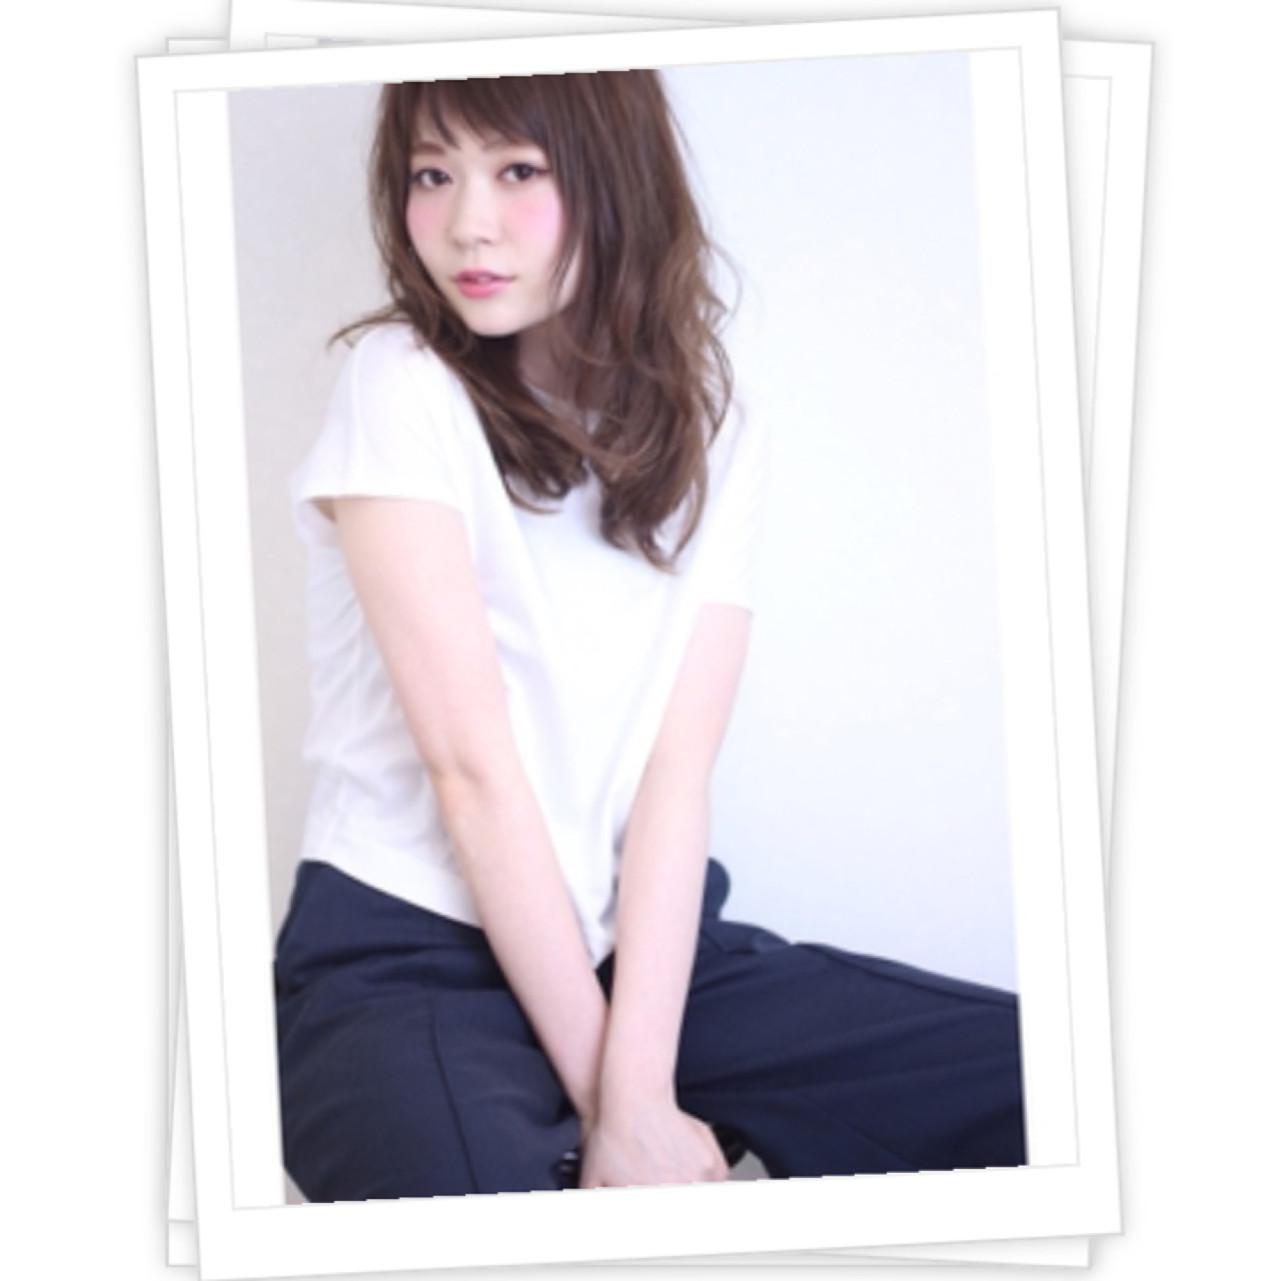 セミロング オン眉 ゆるふわ 大人女子 ヘアスタイルや髪型の写真・画像 | 高橋 アリサ /